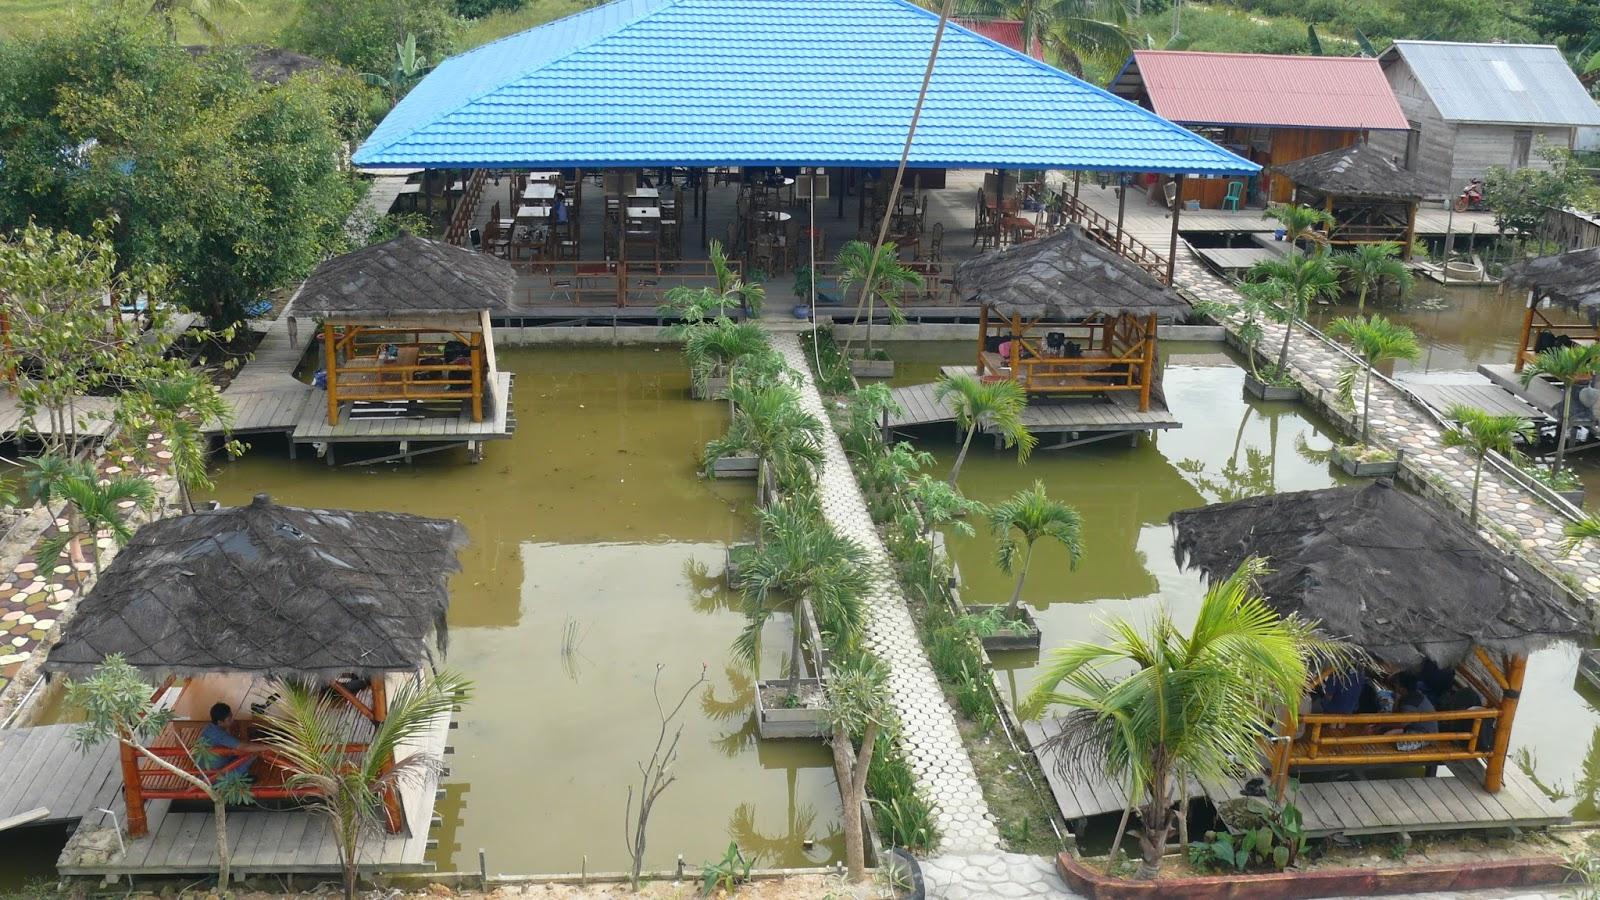 Wisata Kuliner Selimau Park Jongfajar Kelana Taman Kab Bulungan